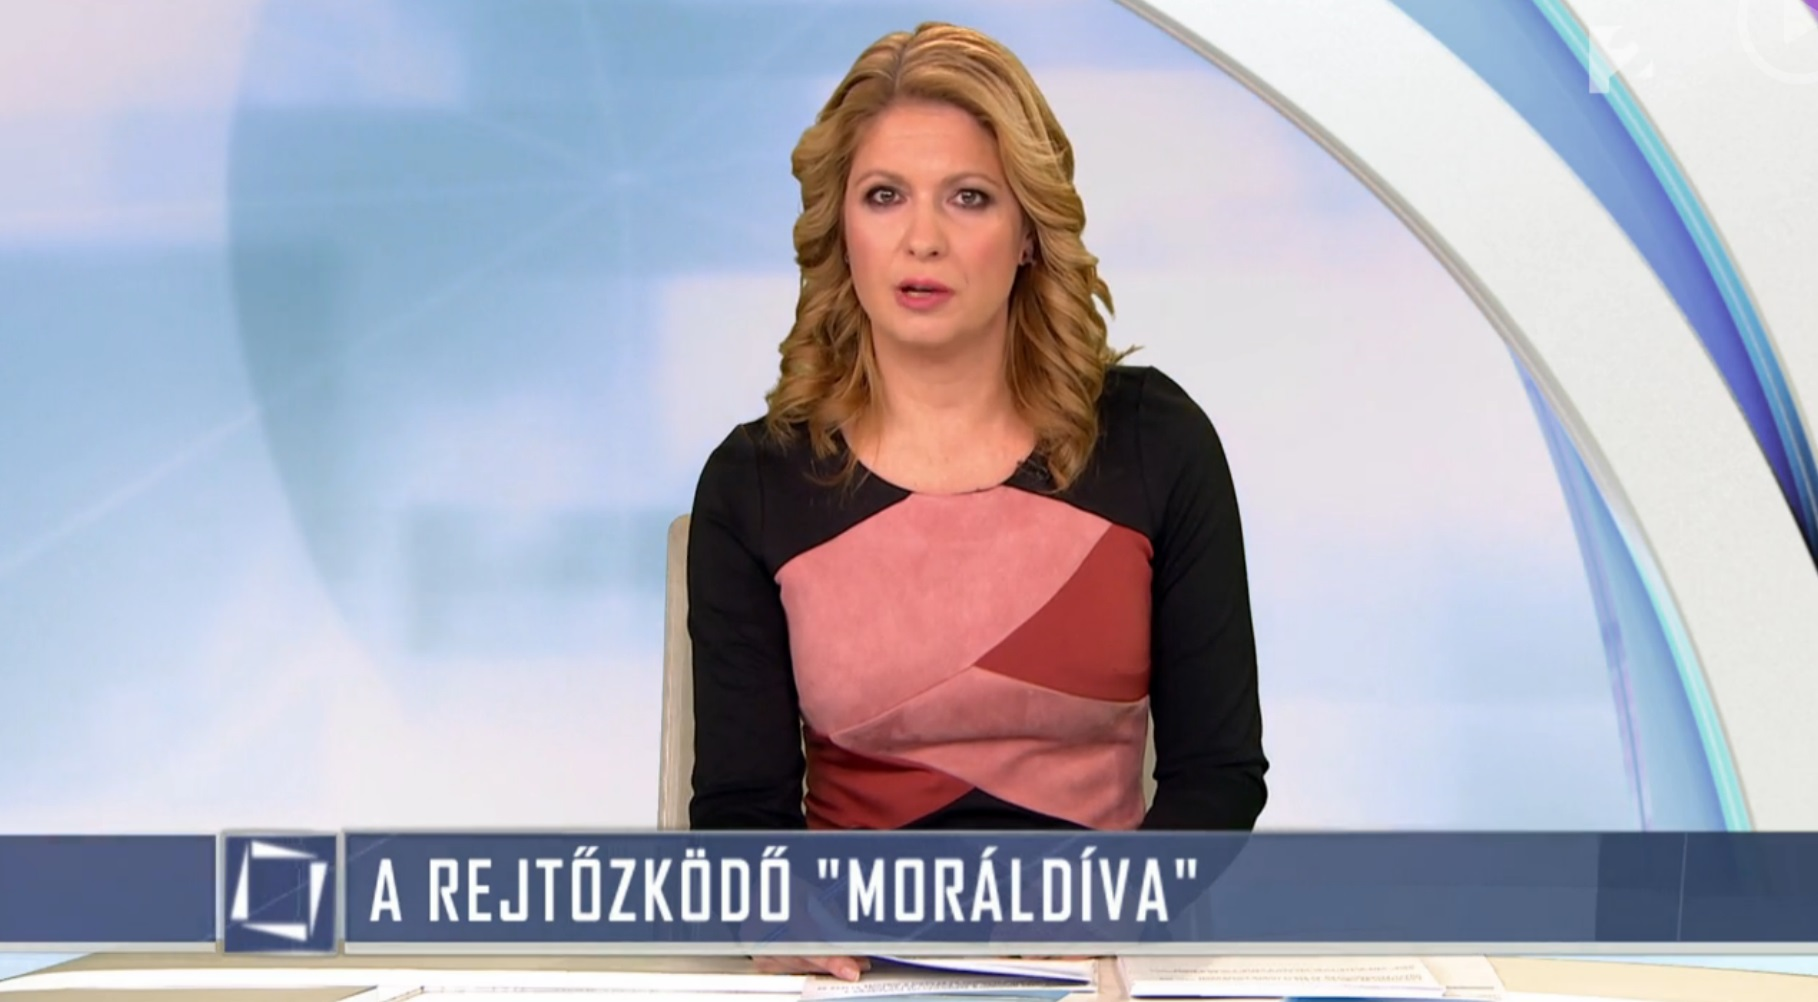 1,7 millió forintos sérelemdíjat kell fizetnie a TV2-nek, mert egy másik Gergely Zsófiát mutattak be a lejárató anyagukban